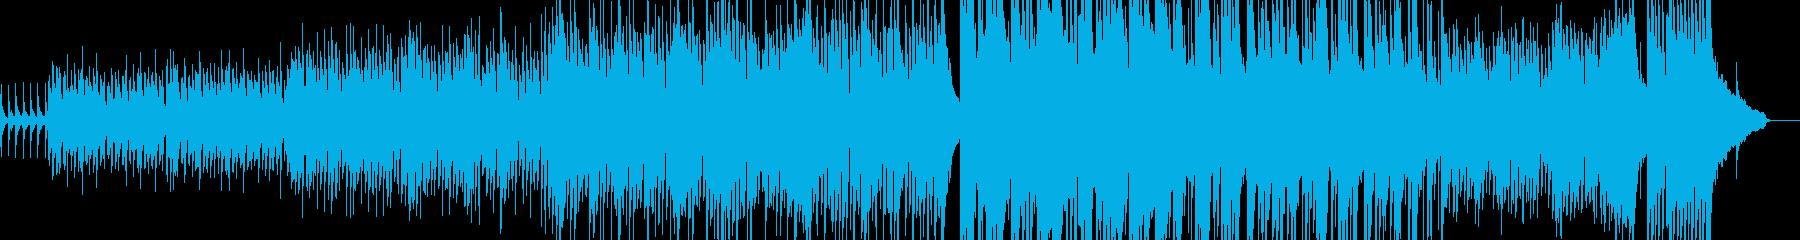 和風/夕暮れ/哀愁/ピアノ/琴/しっとりの再生済みの波形